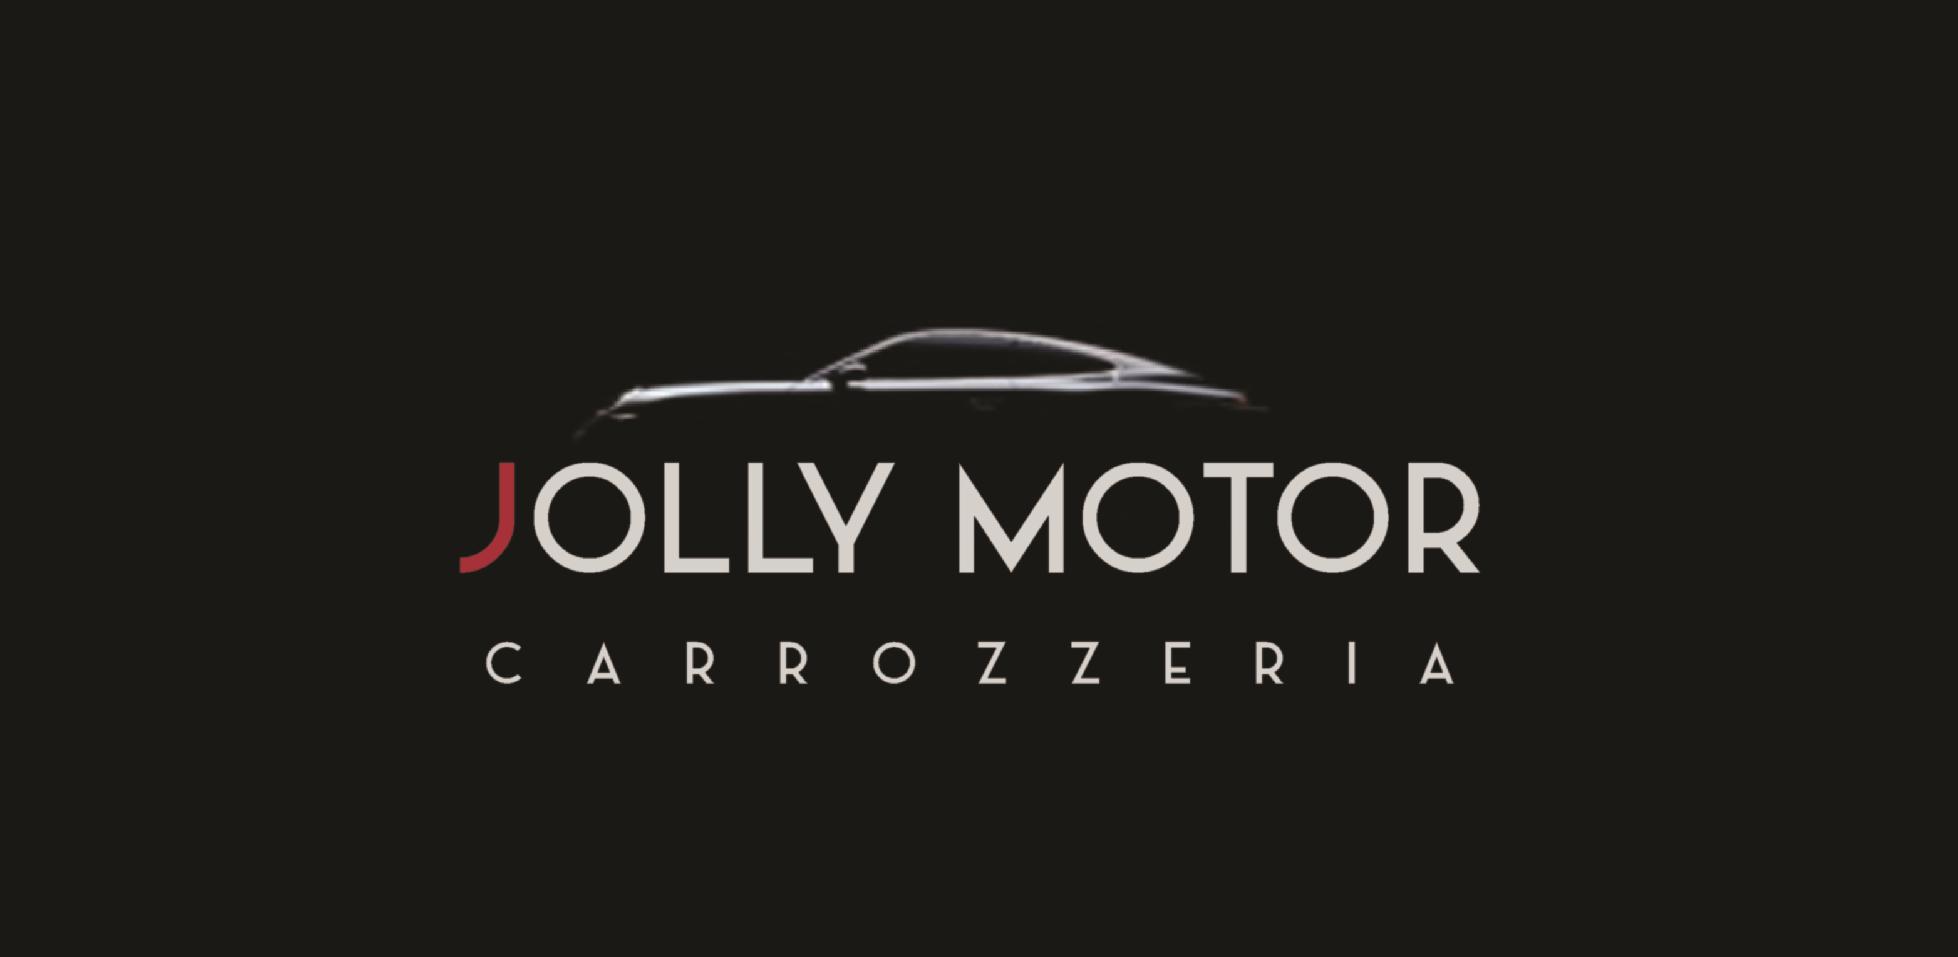 carrozzeria jolly motor